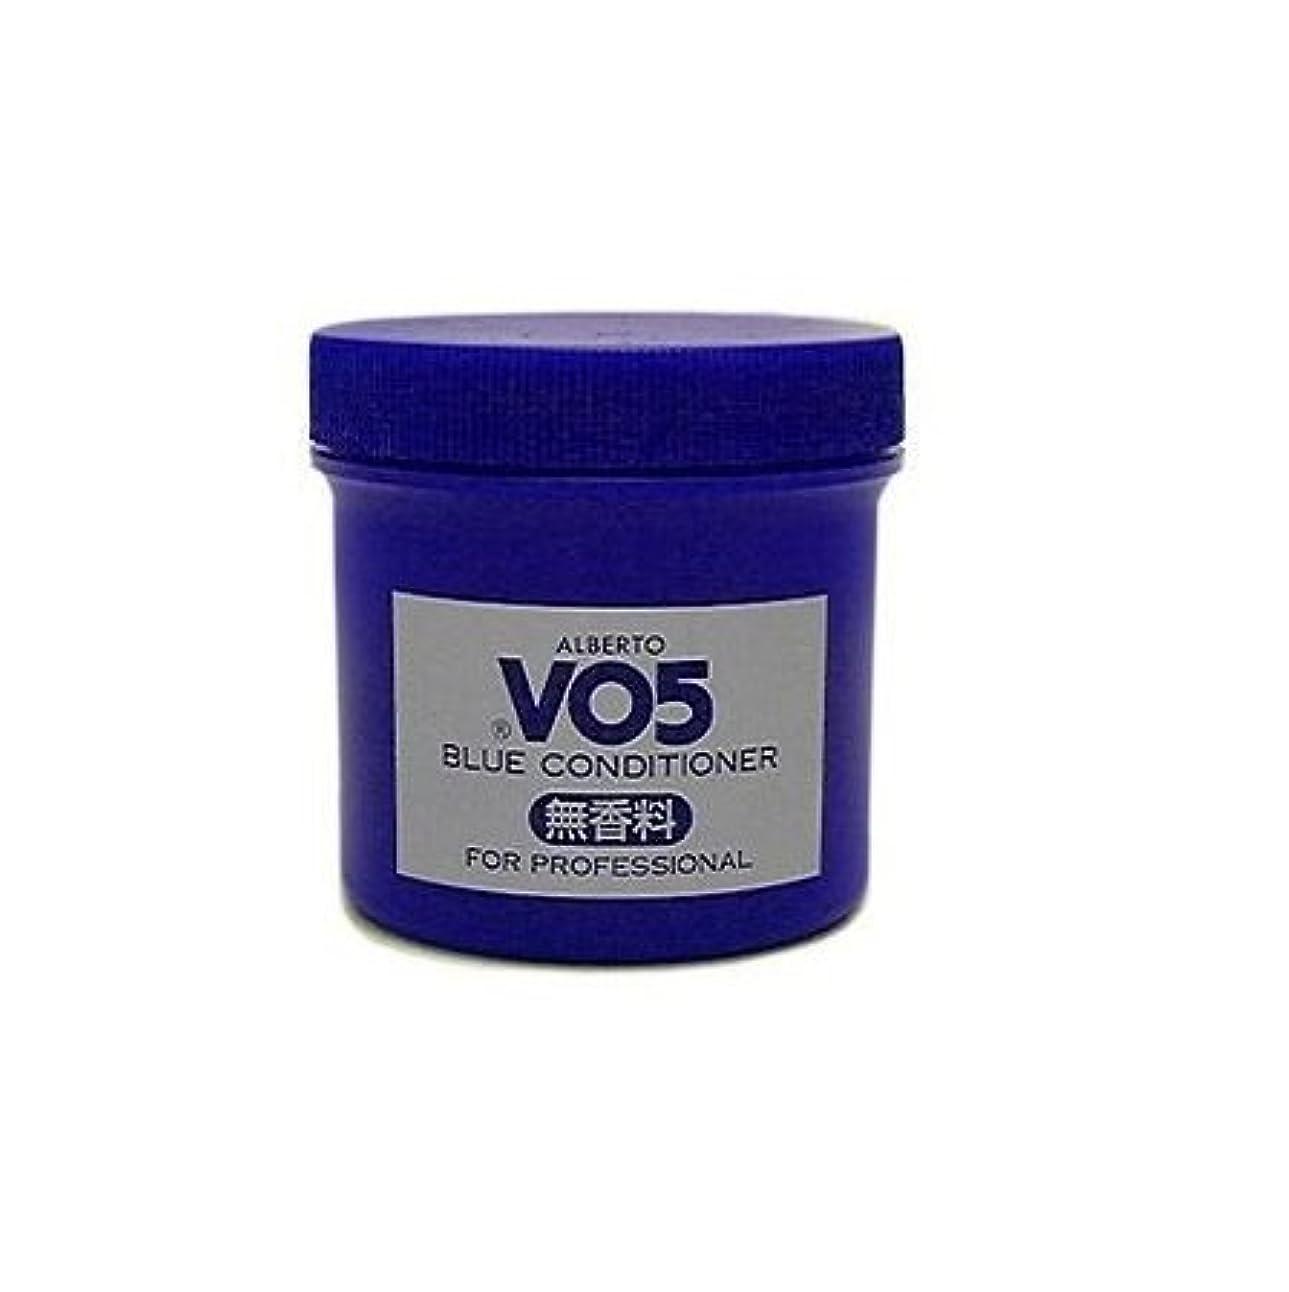 出力簡単にはっきりとアルバートVO5コンソート ブルーコンディショナー 無香料<整髪料>250g